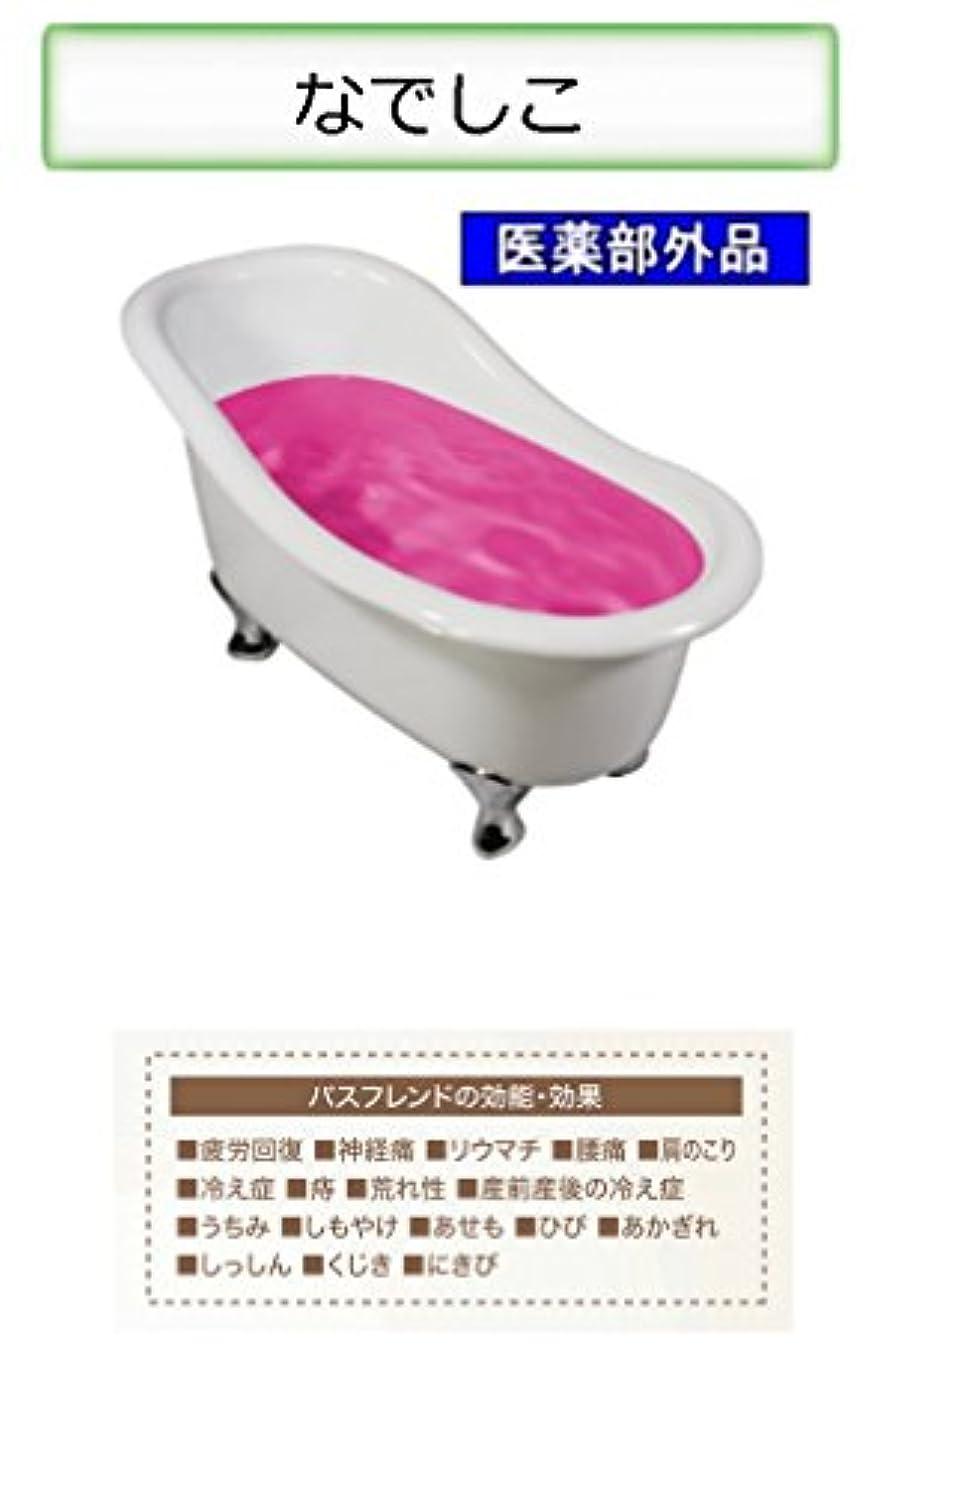 満たす絶対に終わり薬用入浴剤 バスフレンド/伊吹正 (なでしこ, 17kg)